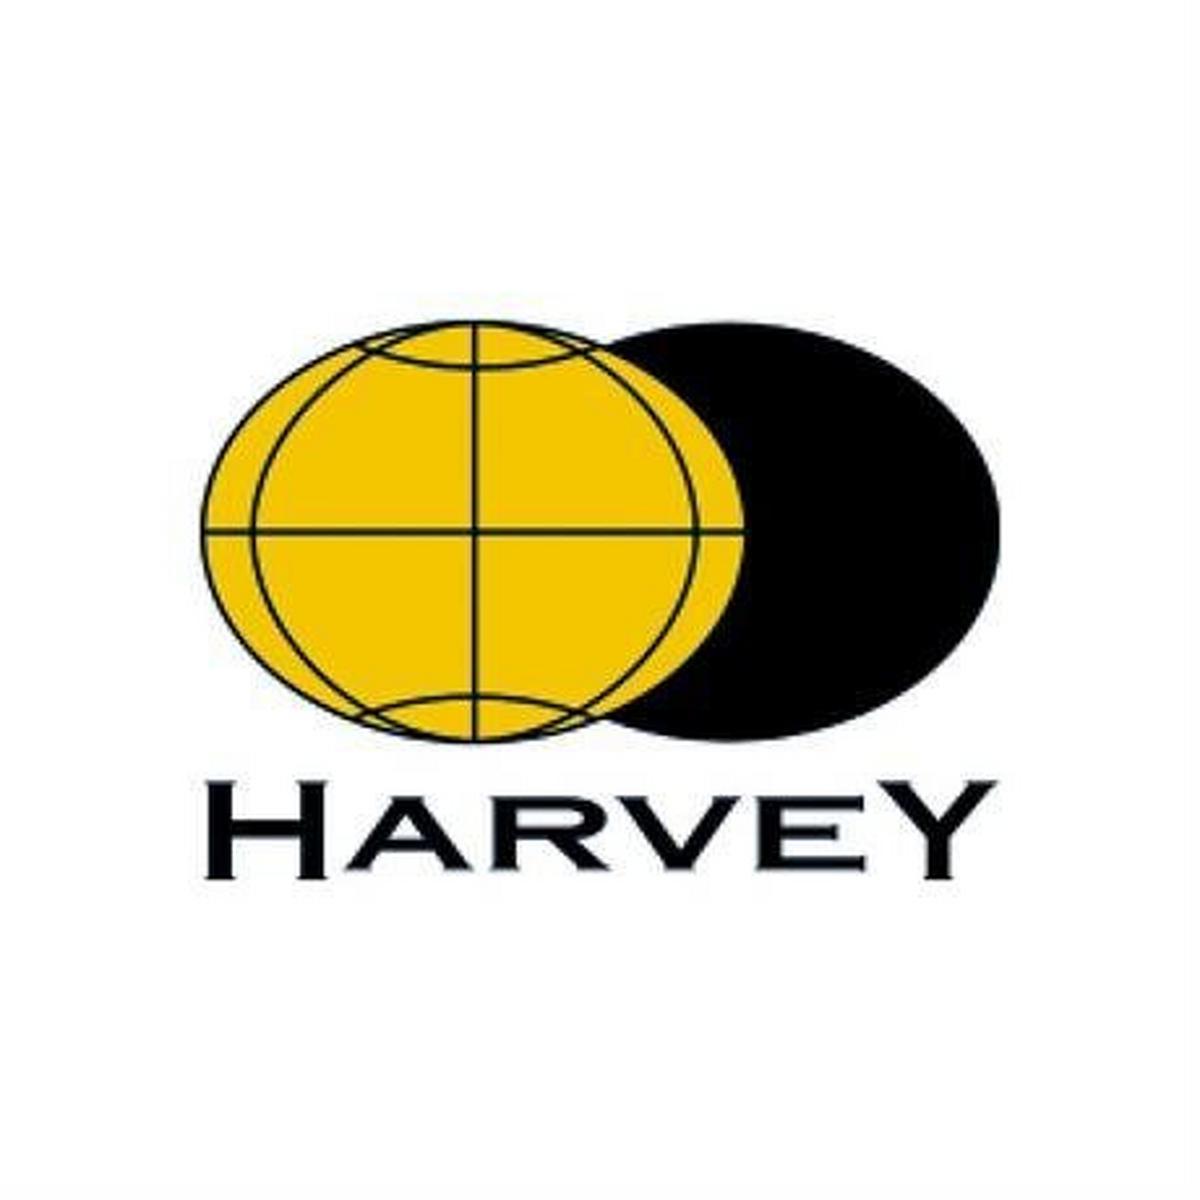 Harveys Harvey Map: Bob Graham Round